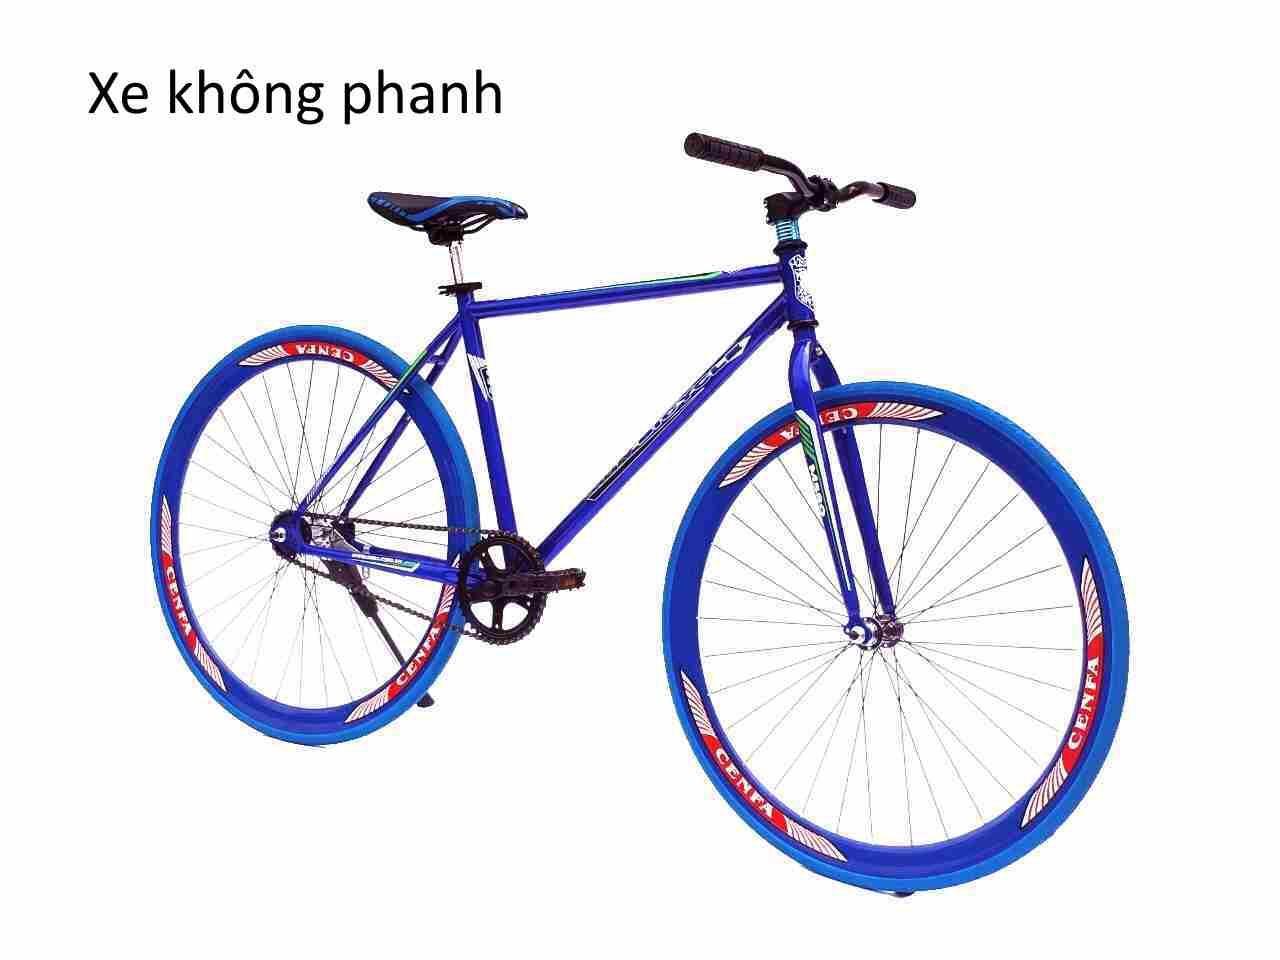 XE ĐẠP KHÔNG PHANH F4-01